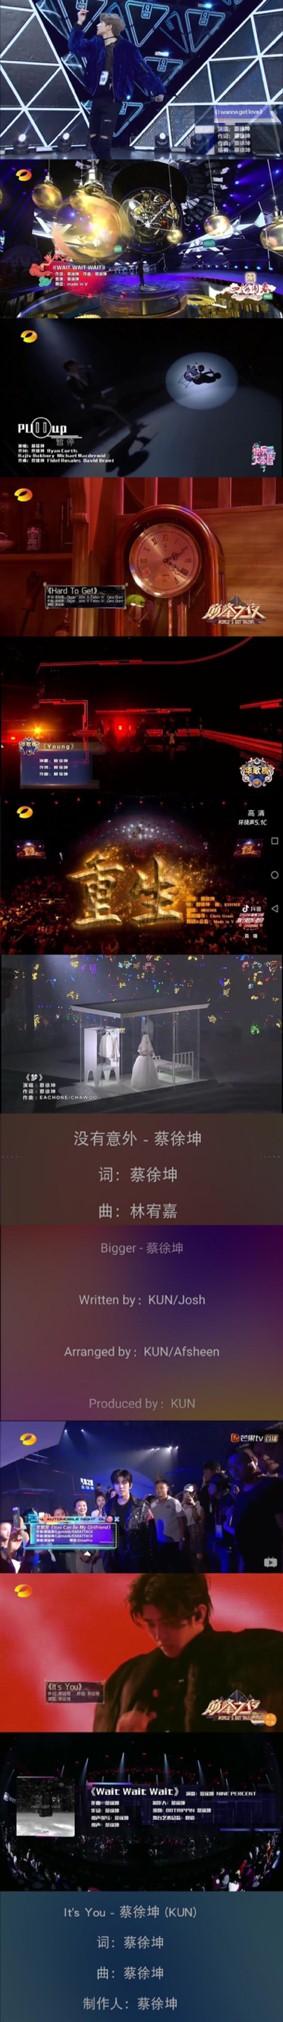 蔡徐坤新歌《情人》出圈 (8).jpg